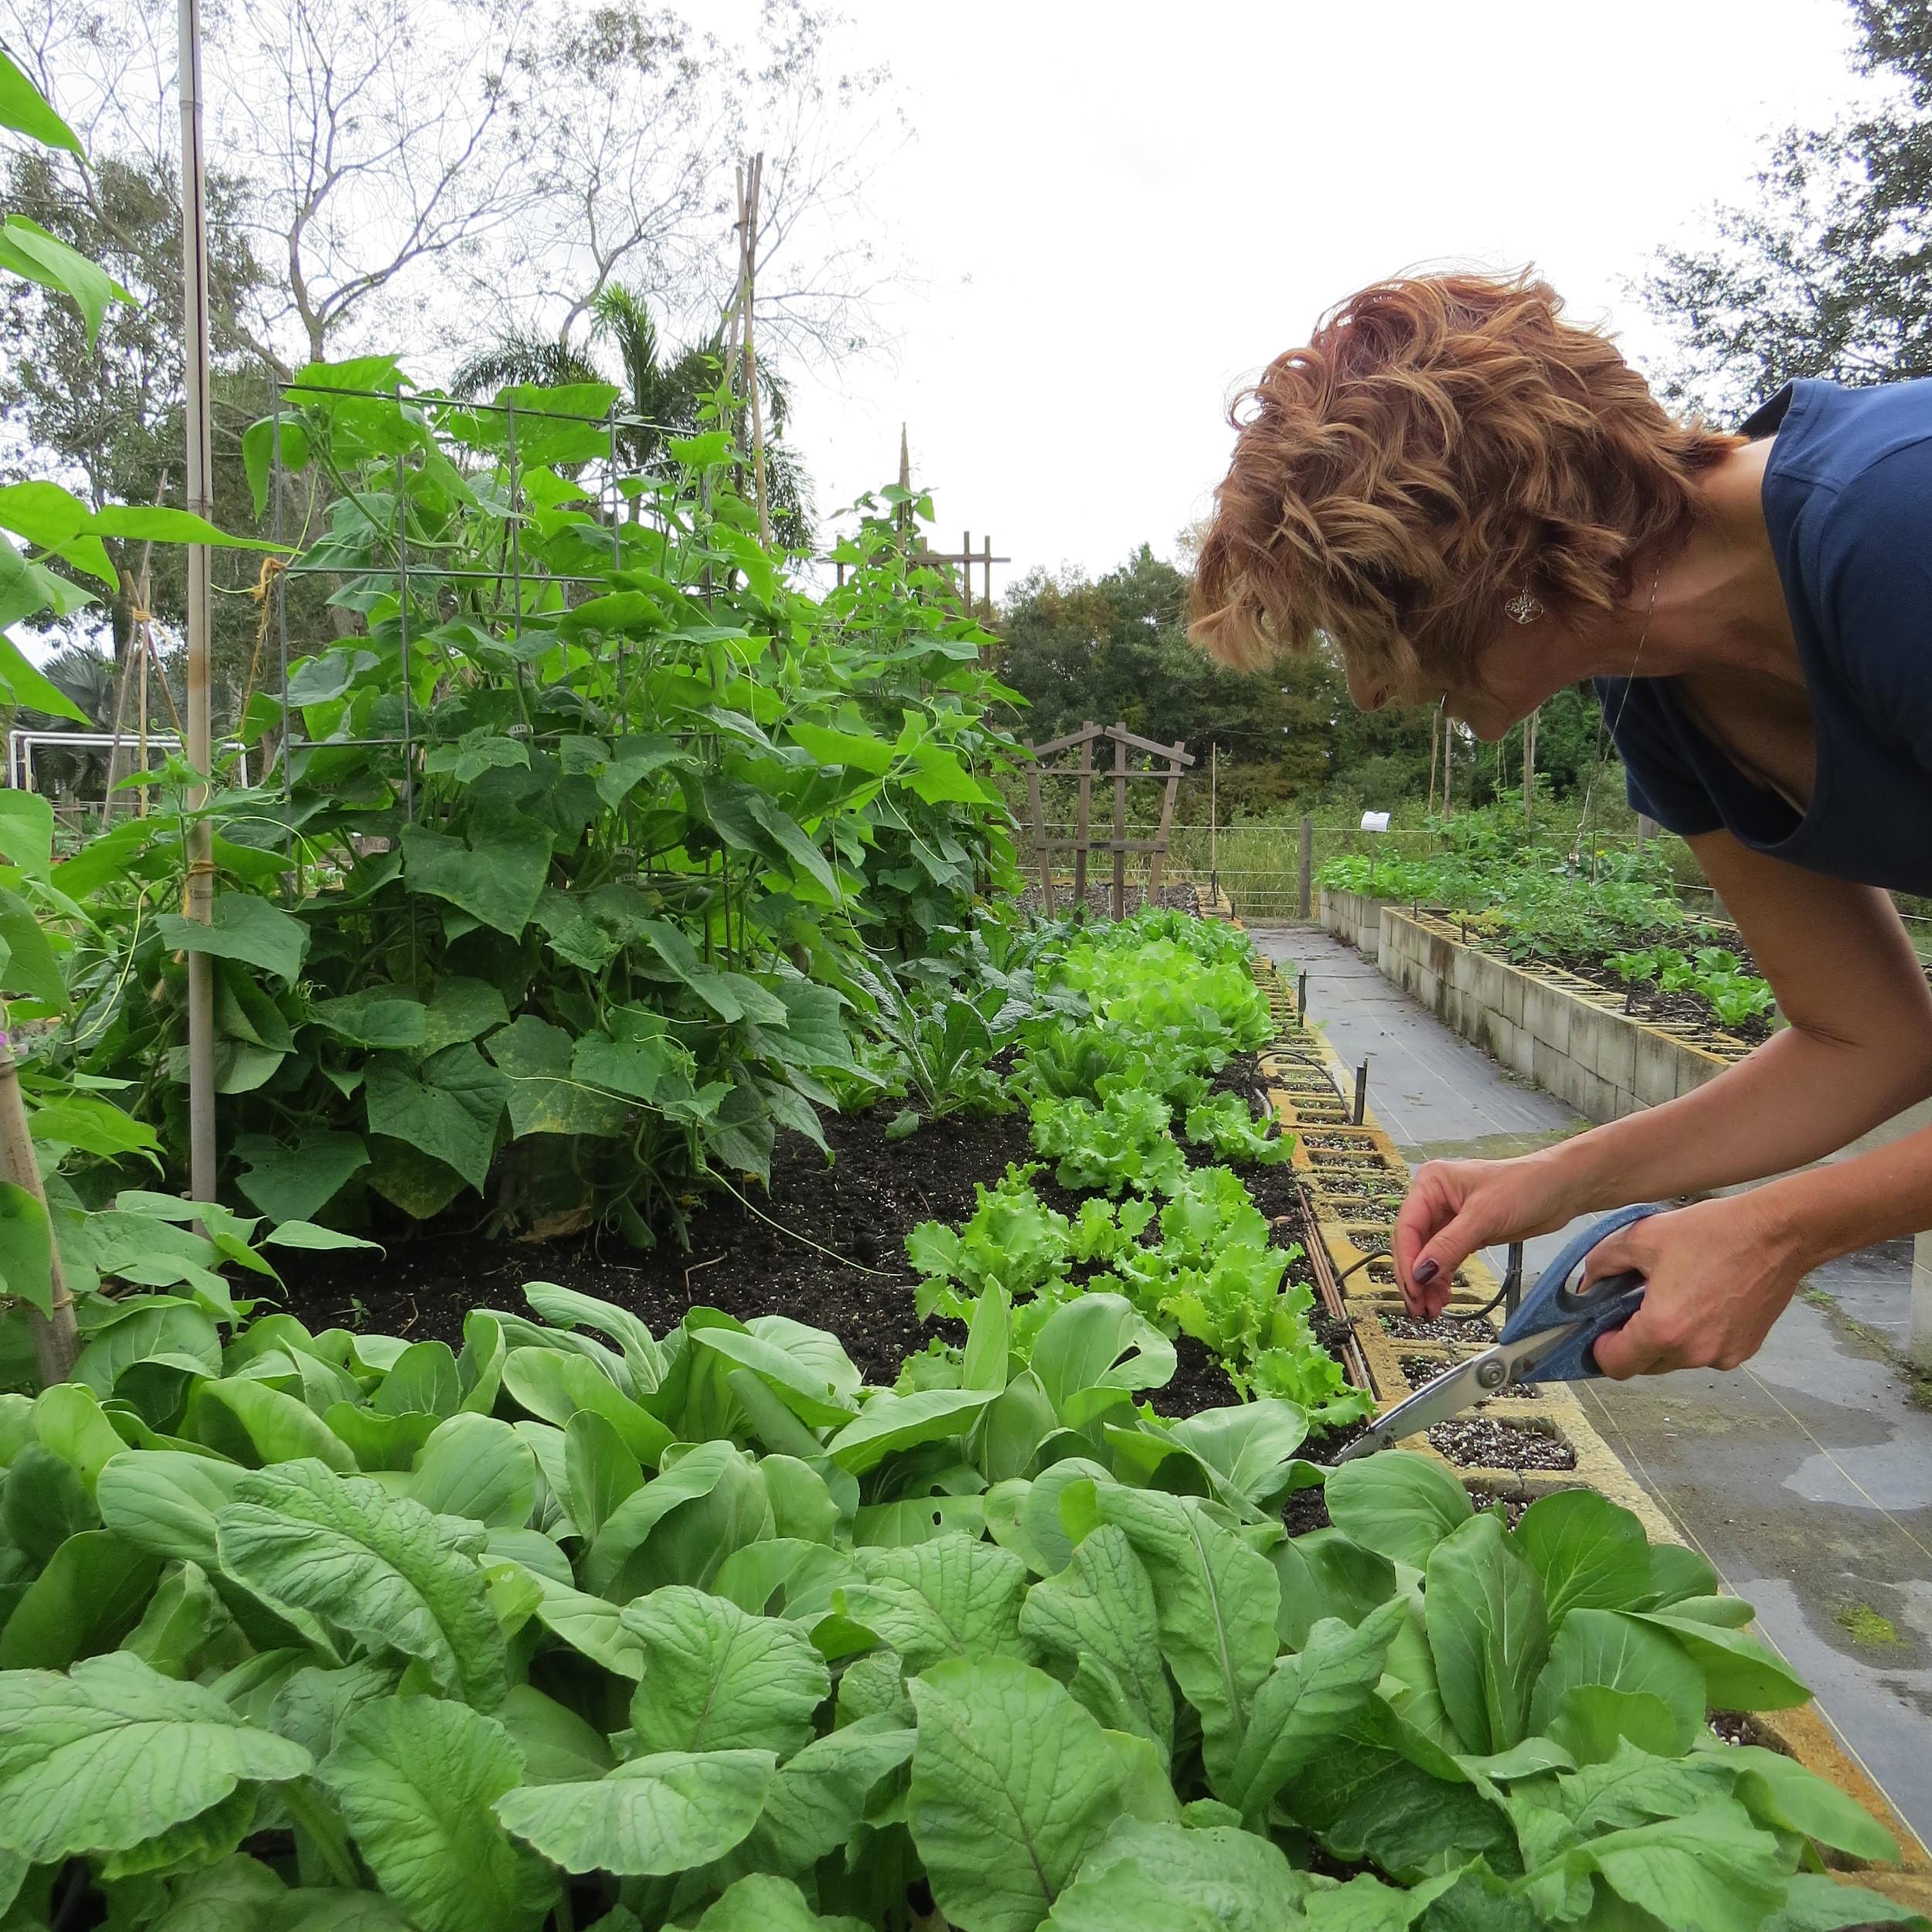 Cheryl tending to her garden in late October 2015